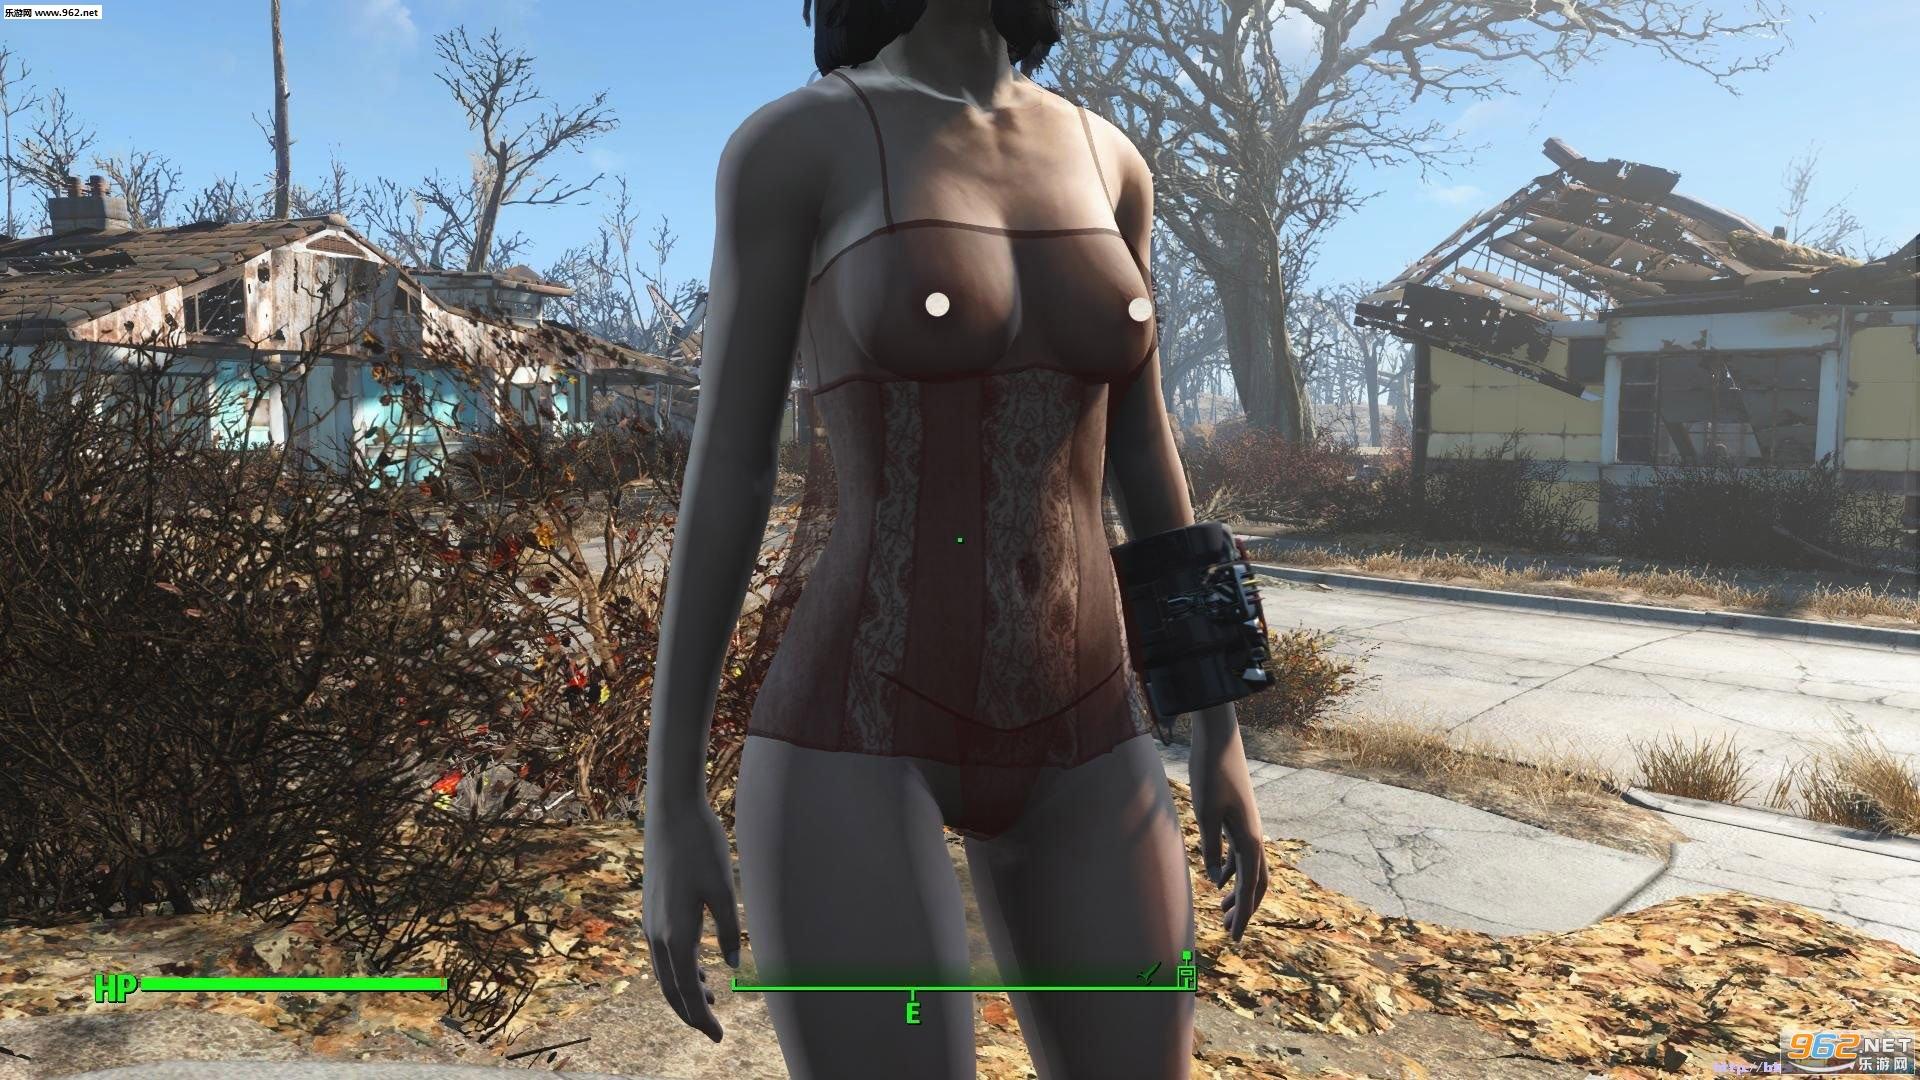 辐射4a女性mod下载_辐射4性感内衣合集|感染一女性250sb病毒图片